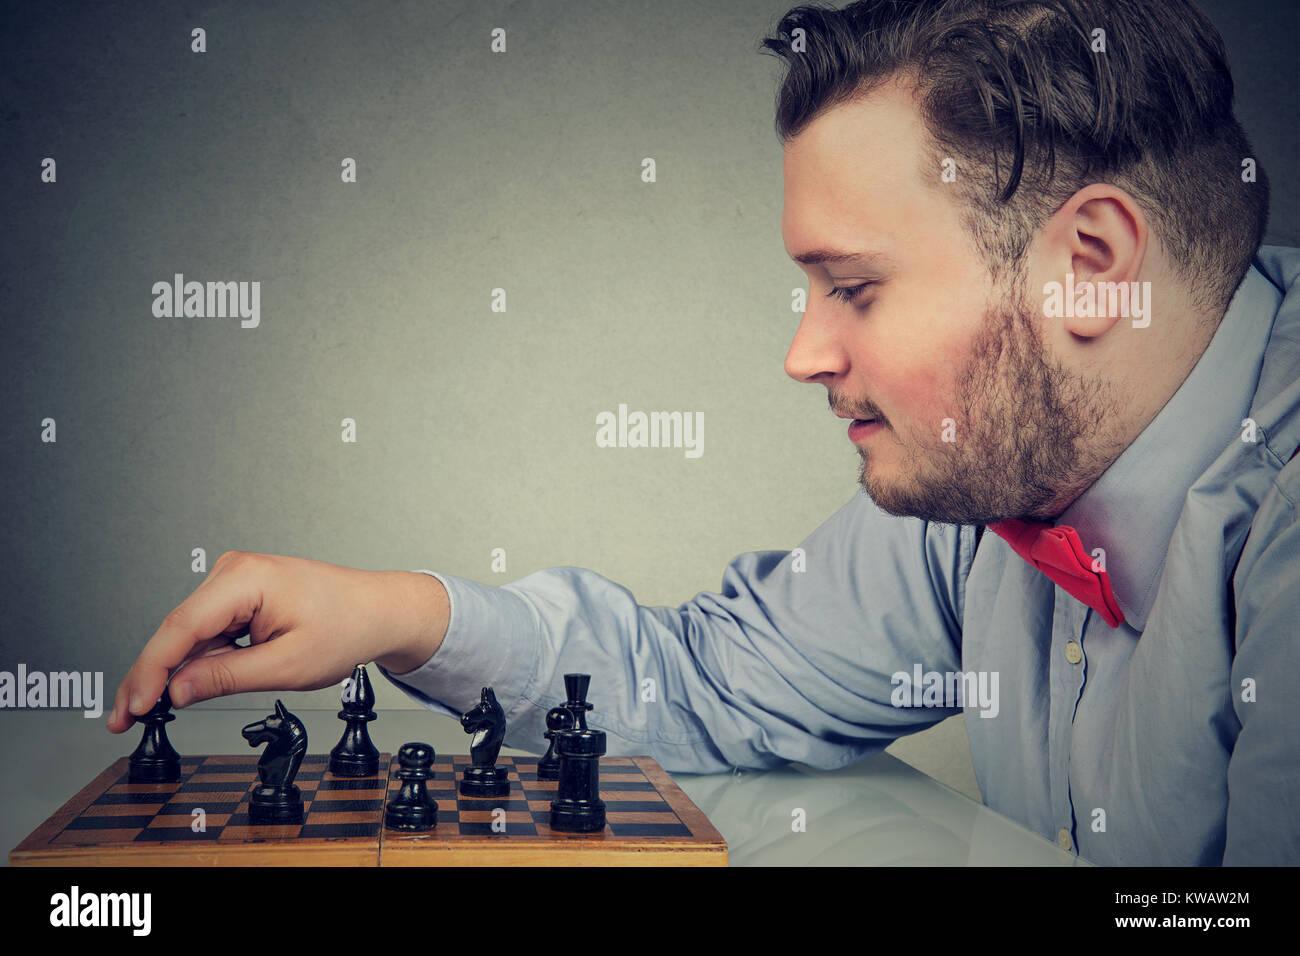 Junge chunky Mann auf Gebäude Strategie konzentriert, während Schach zu spielen. Stockbild